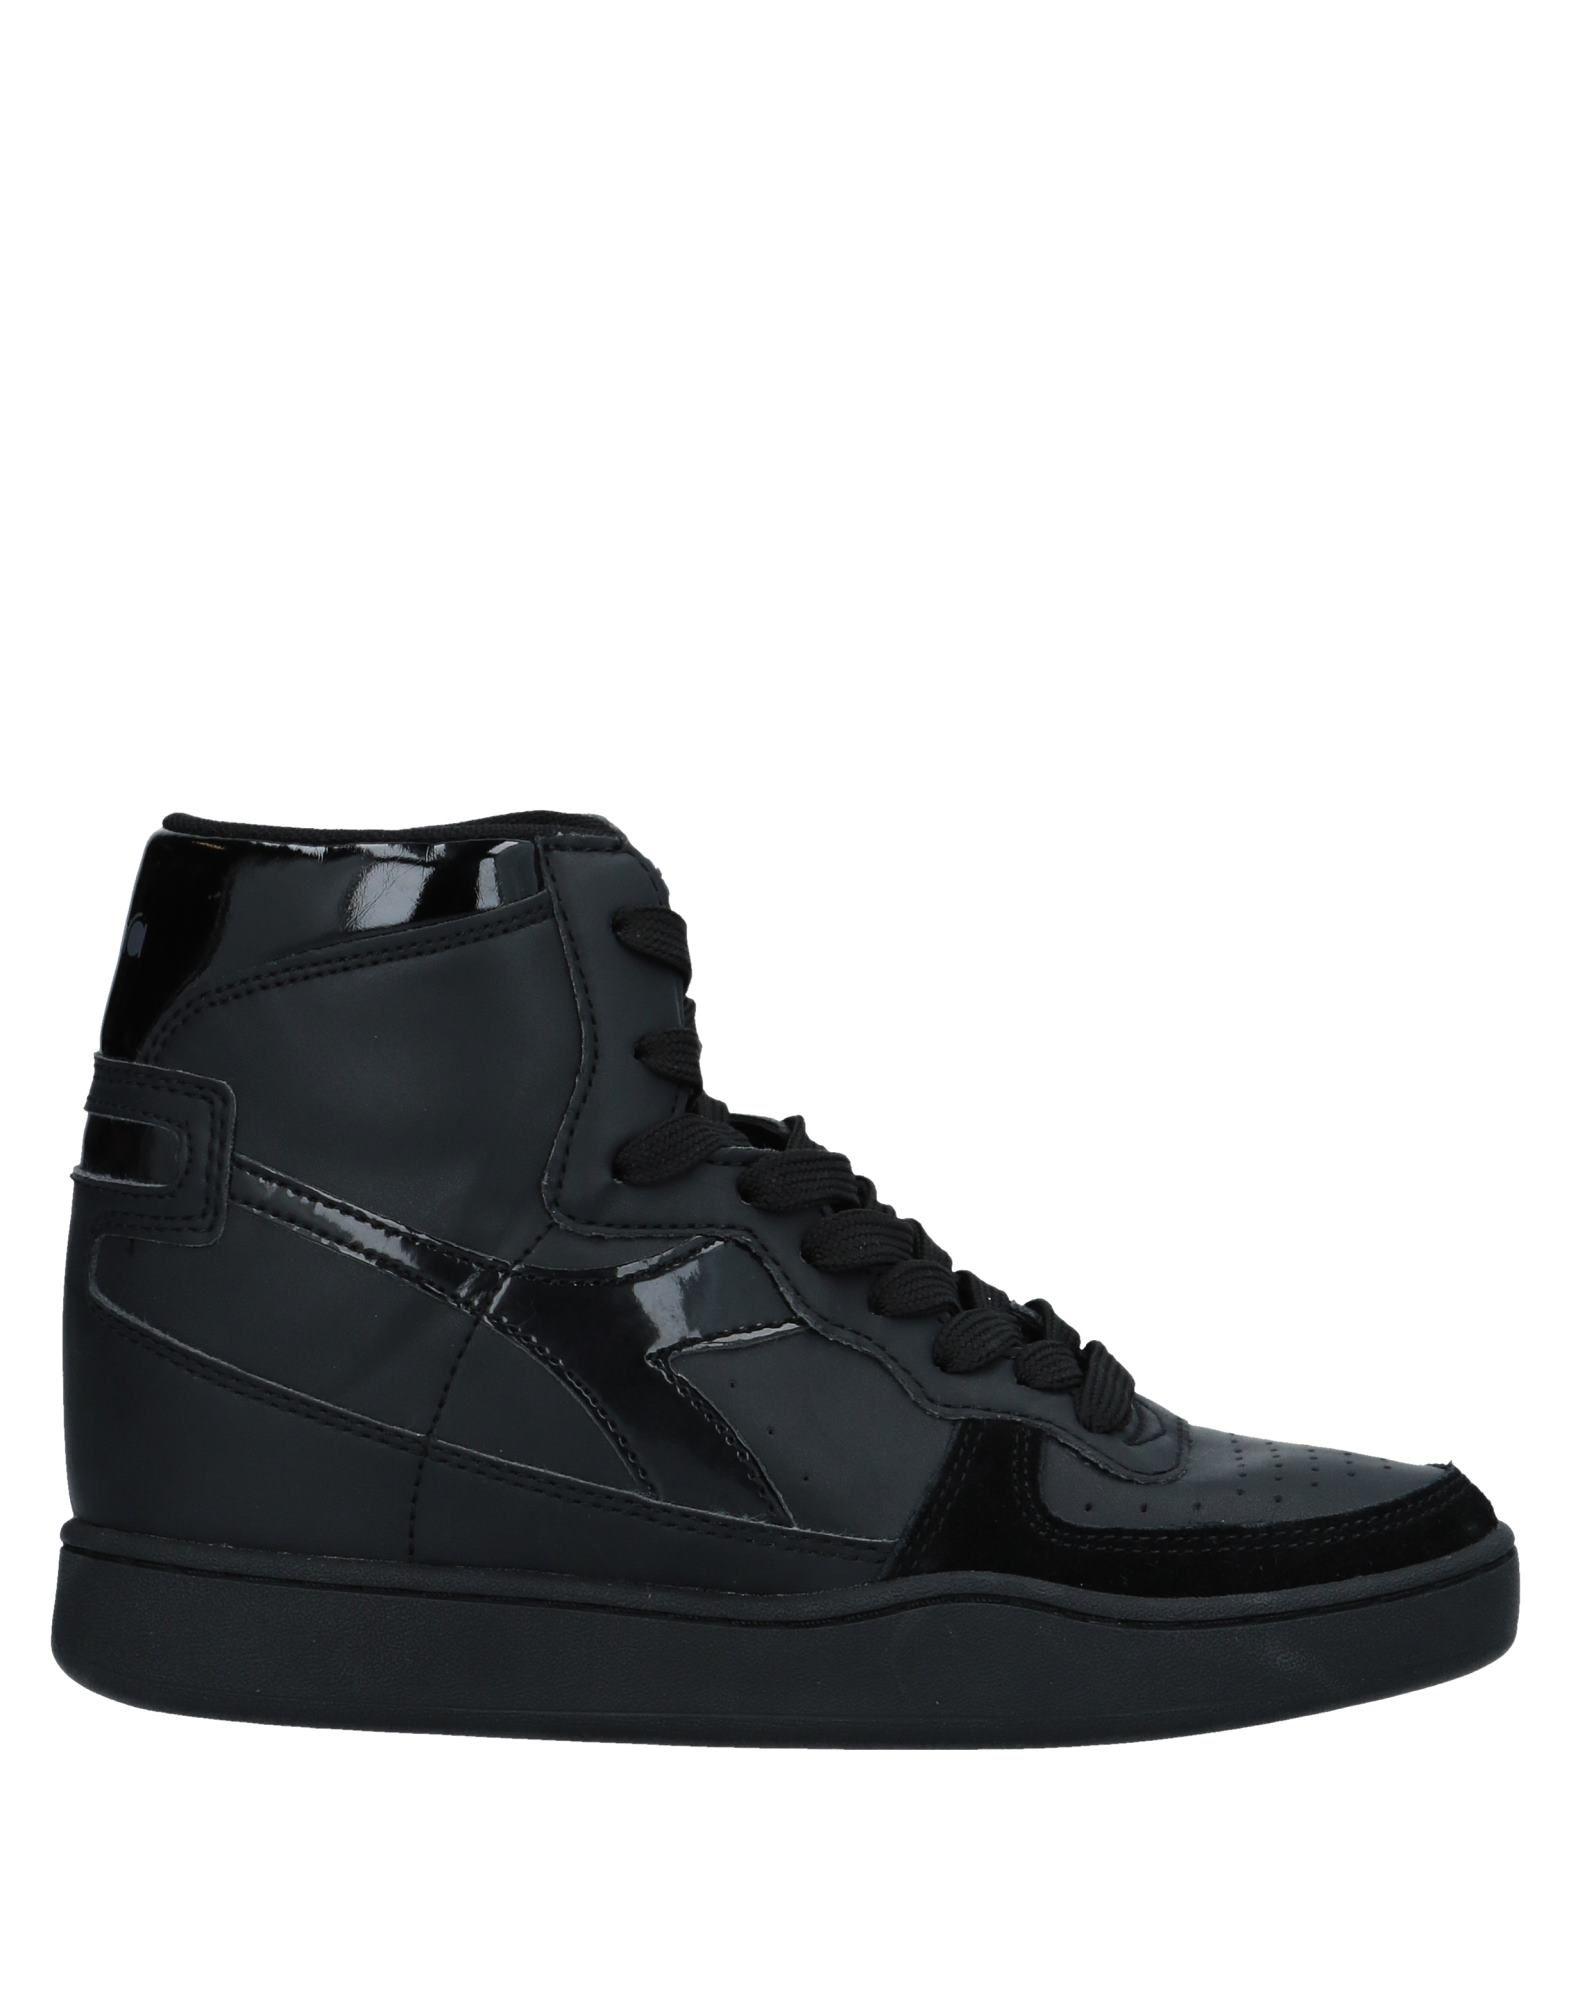 Sneakers Diadora Donna - 11506474PH Scarpe economiche e buone